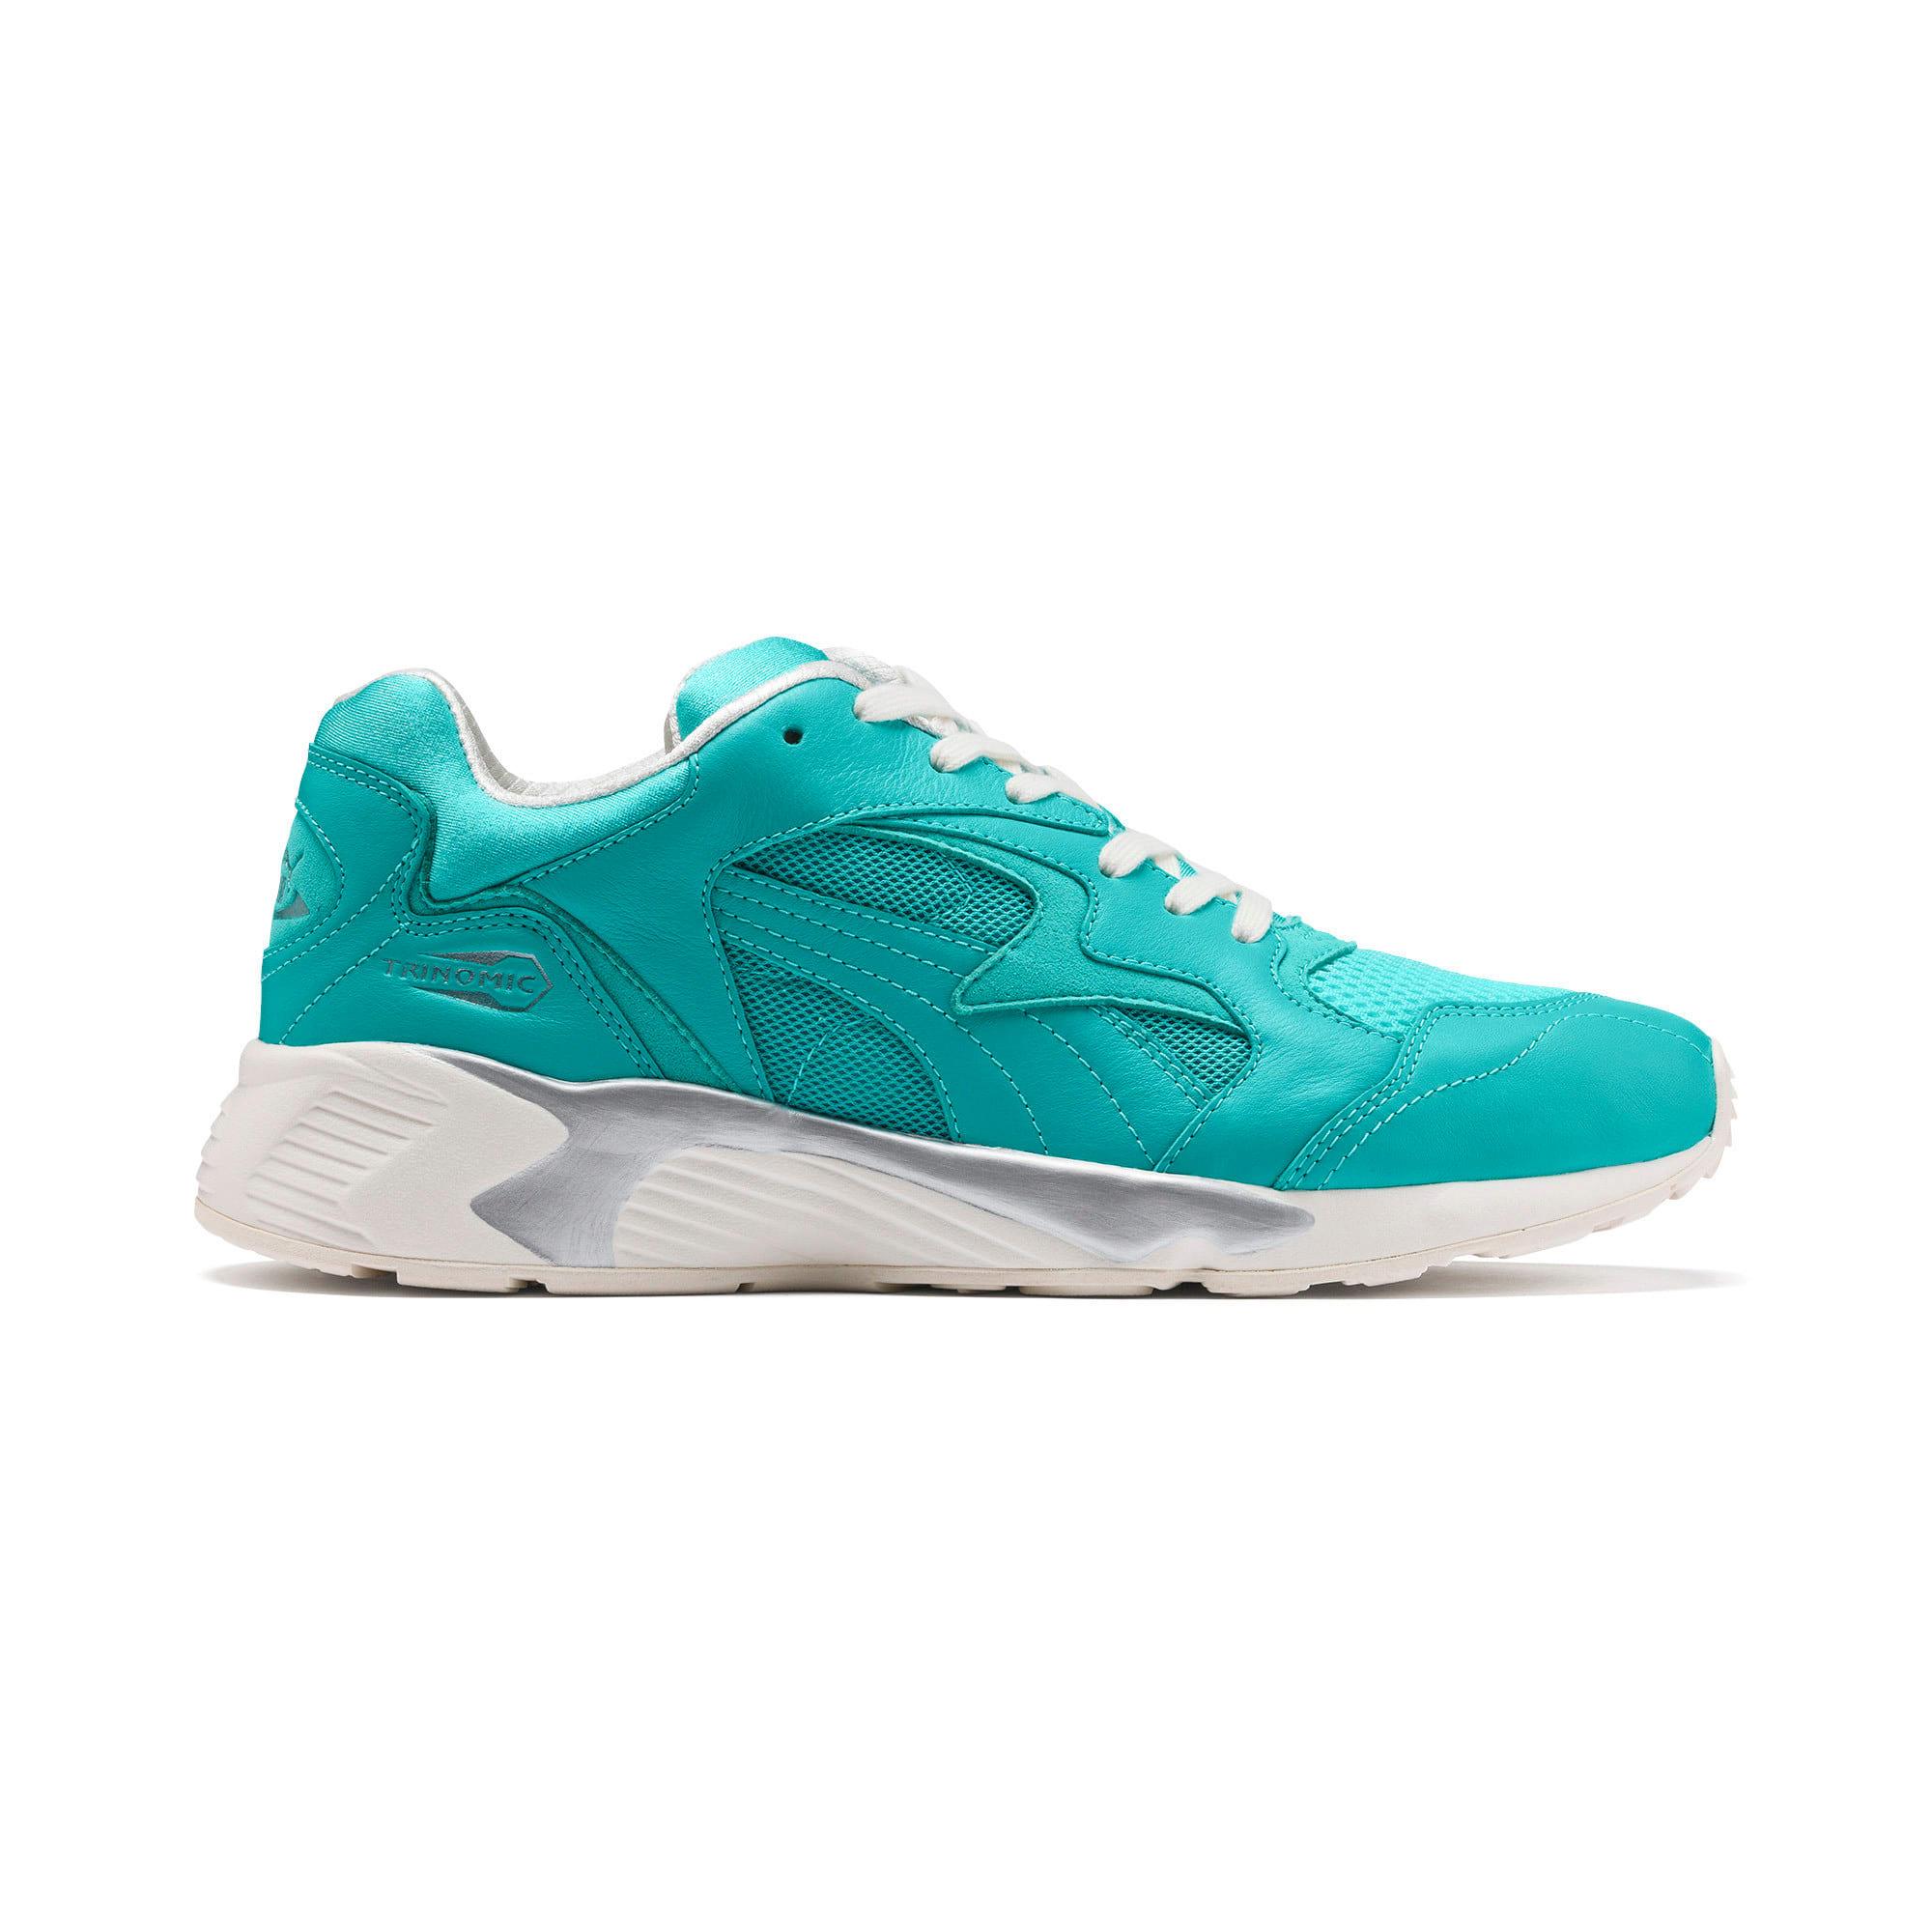 Miniatura 5 de Zapatos deportivosPrevail IR Reality, Blue Turquoise-Whisper White, mediano